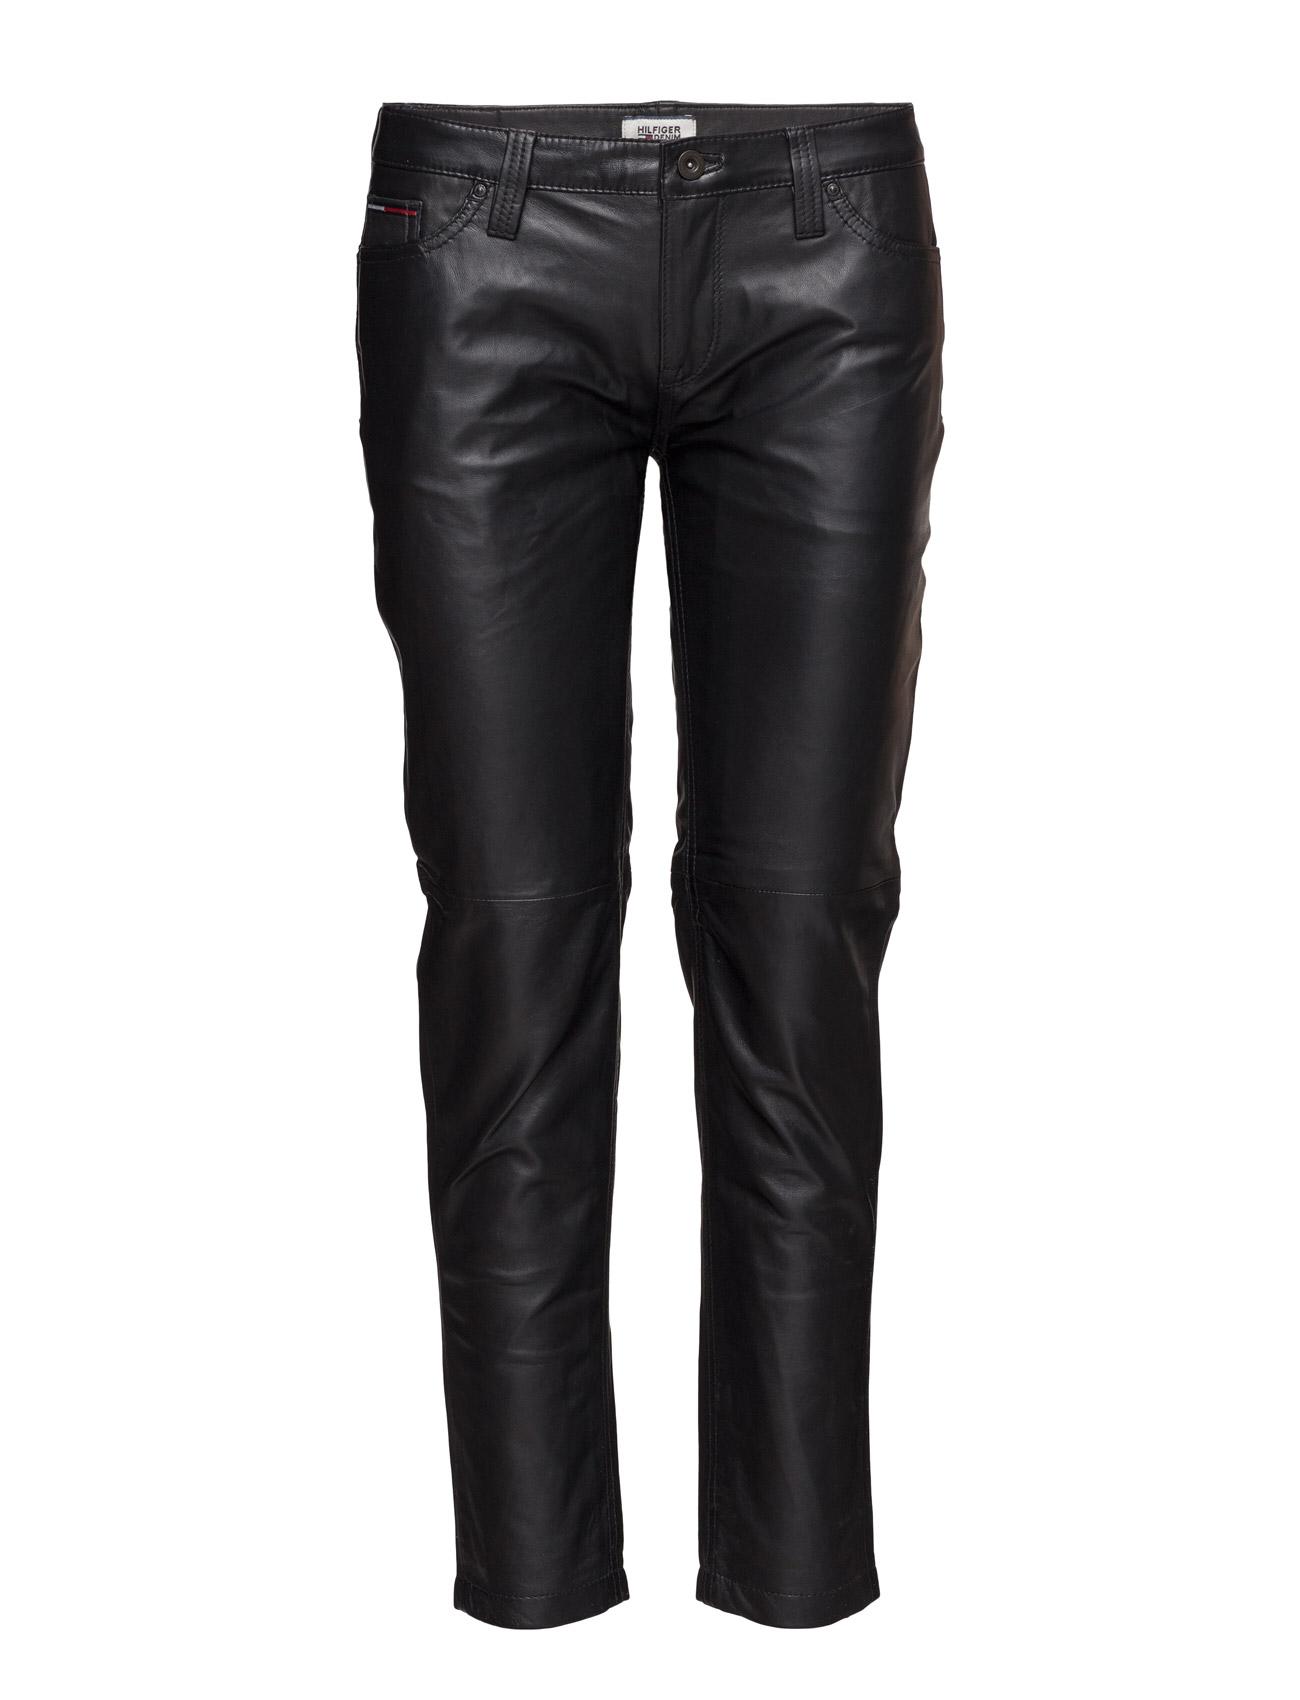 Thdw Leather Skinny 7/8 15 Hilfiger Denim Læder leggins & bukser til Kvinder i Sort